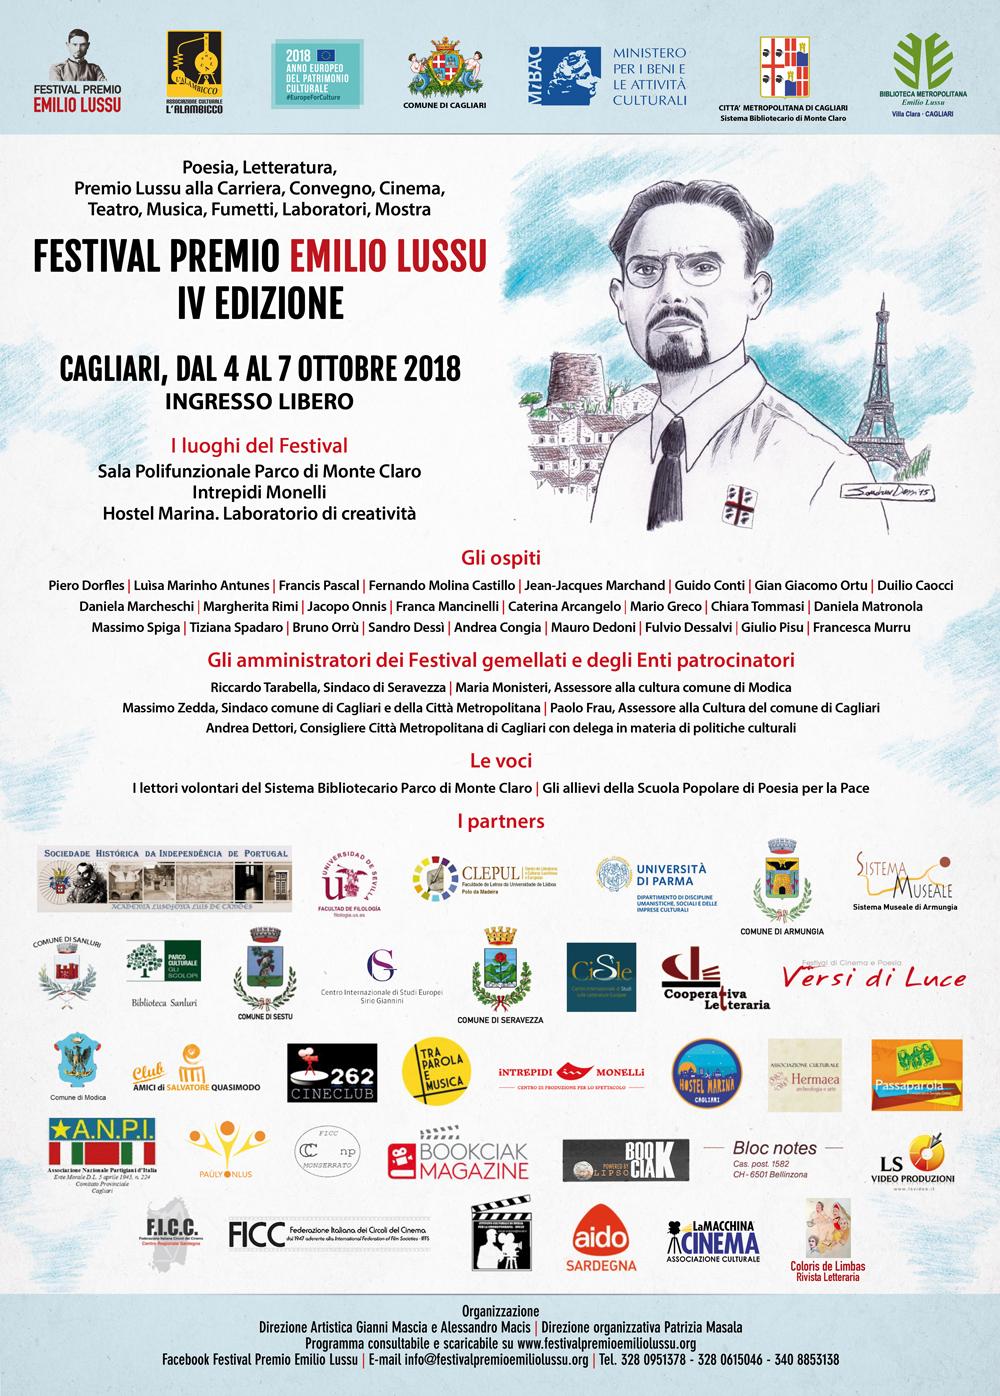 Al Via La IV Edizione Del Festival Premio Emilio Lussu